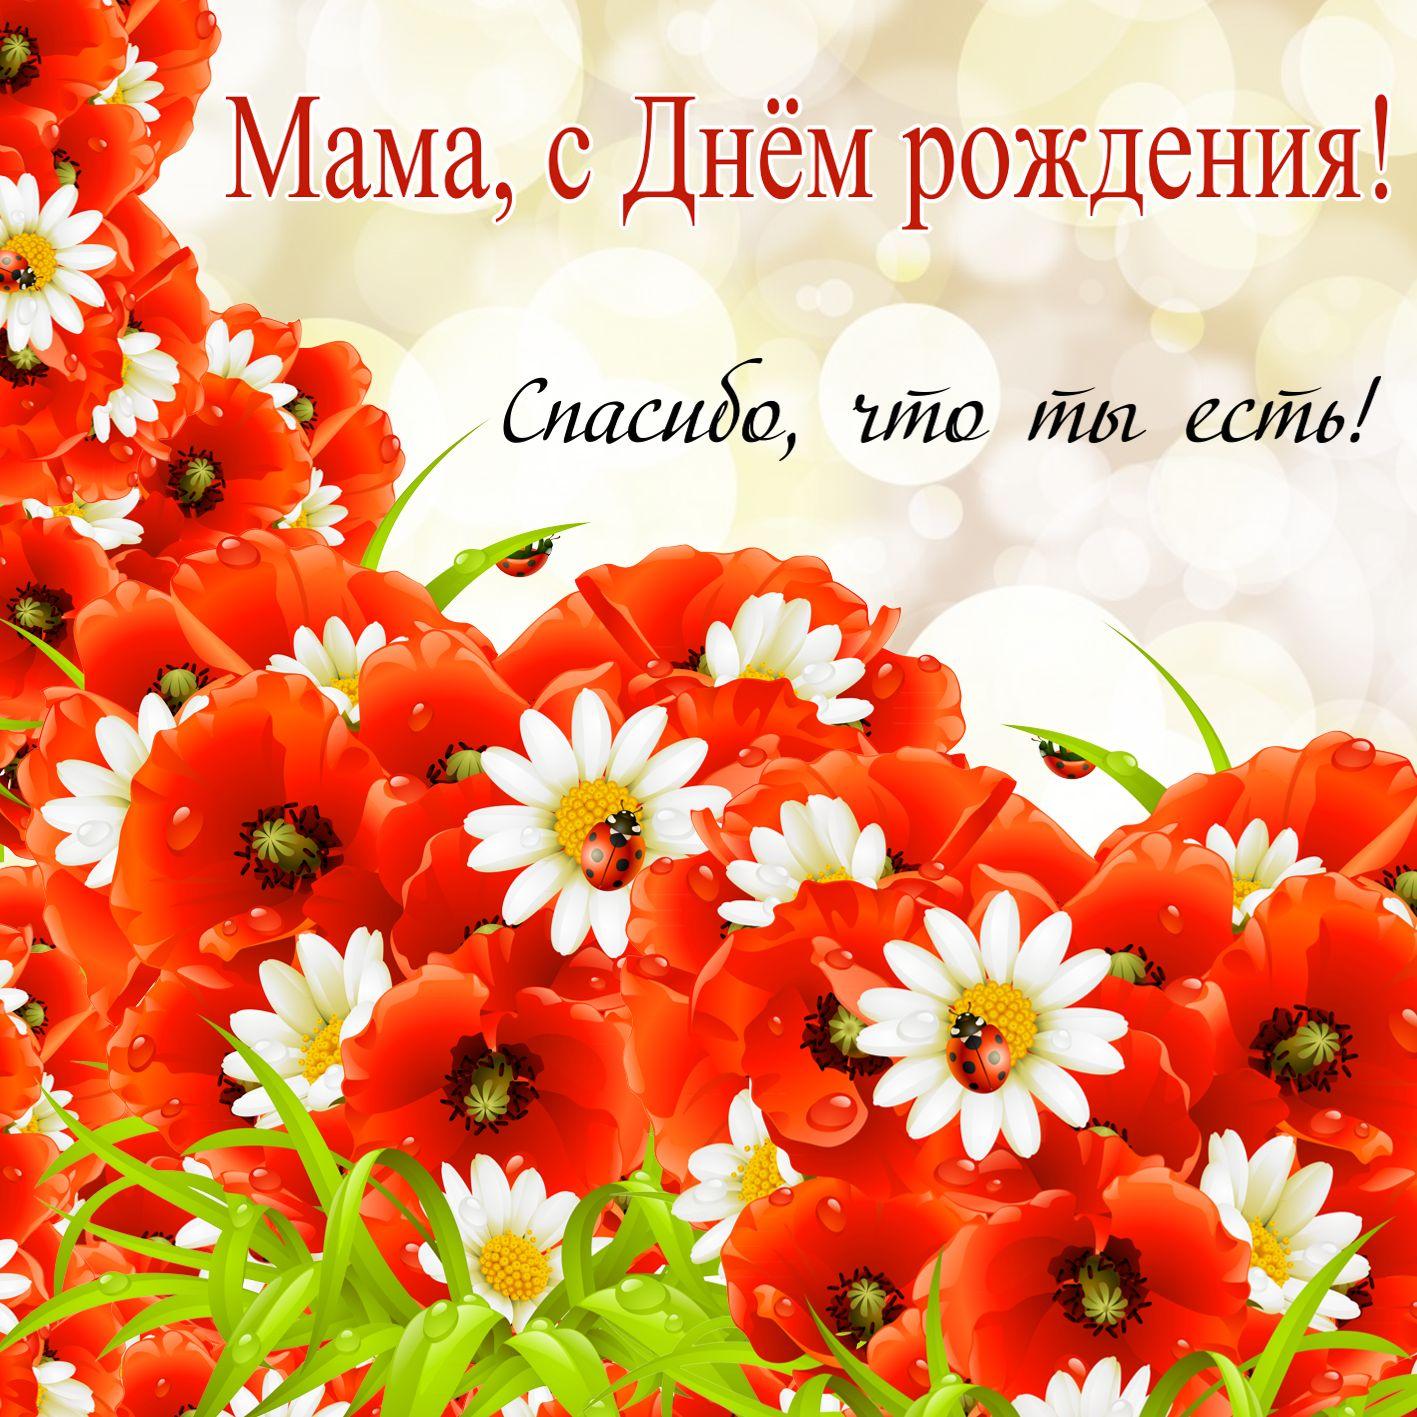 Поздравления С Днем Рождения маме - картинки и открытки 11